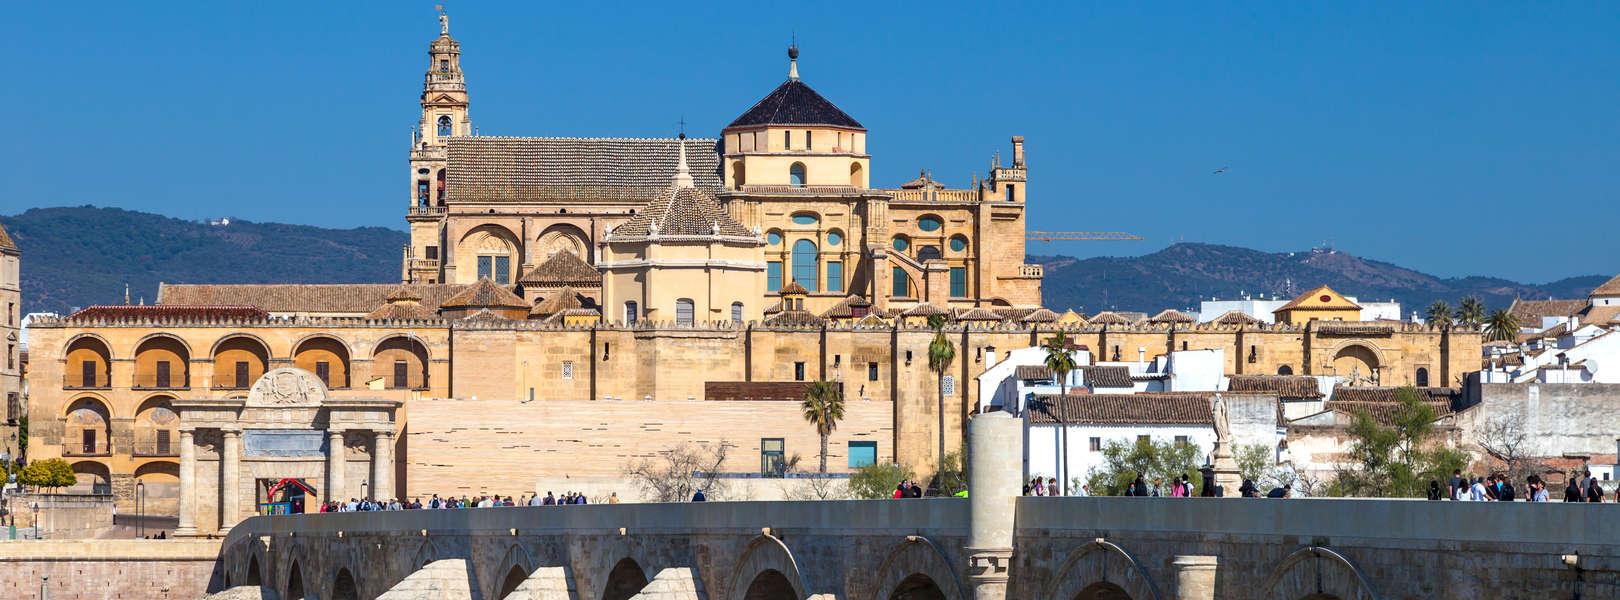 City von Cordoba mit der Roman Brücke und Mezquita in Andalusien Spanien